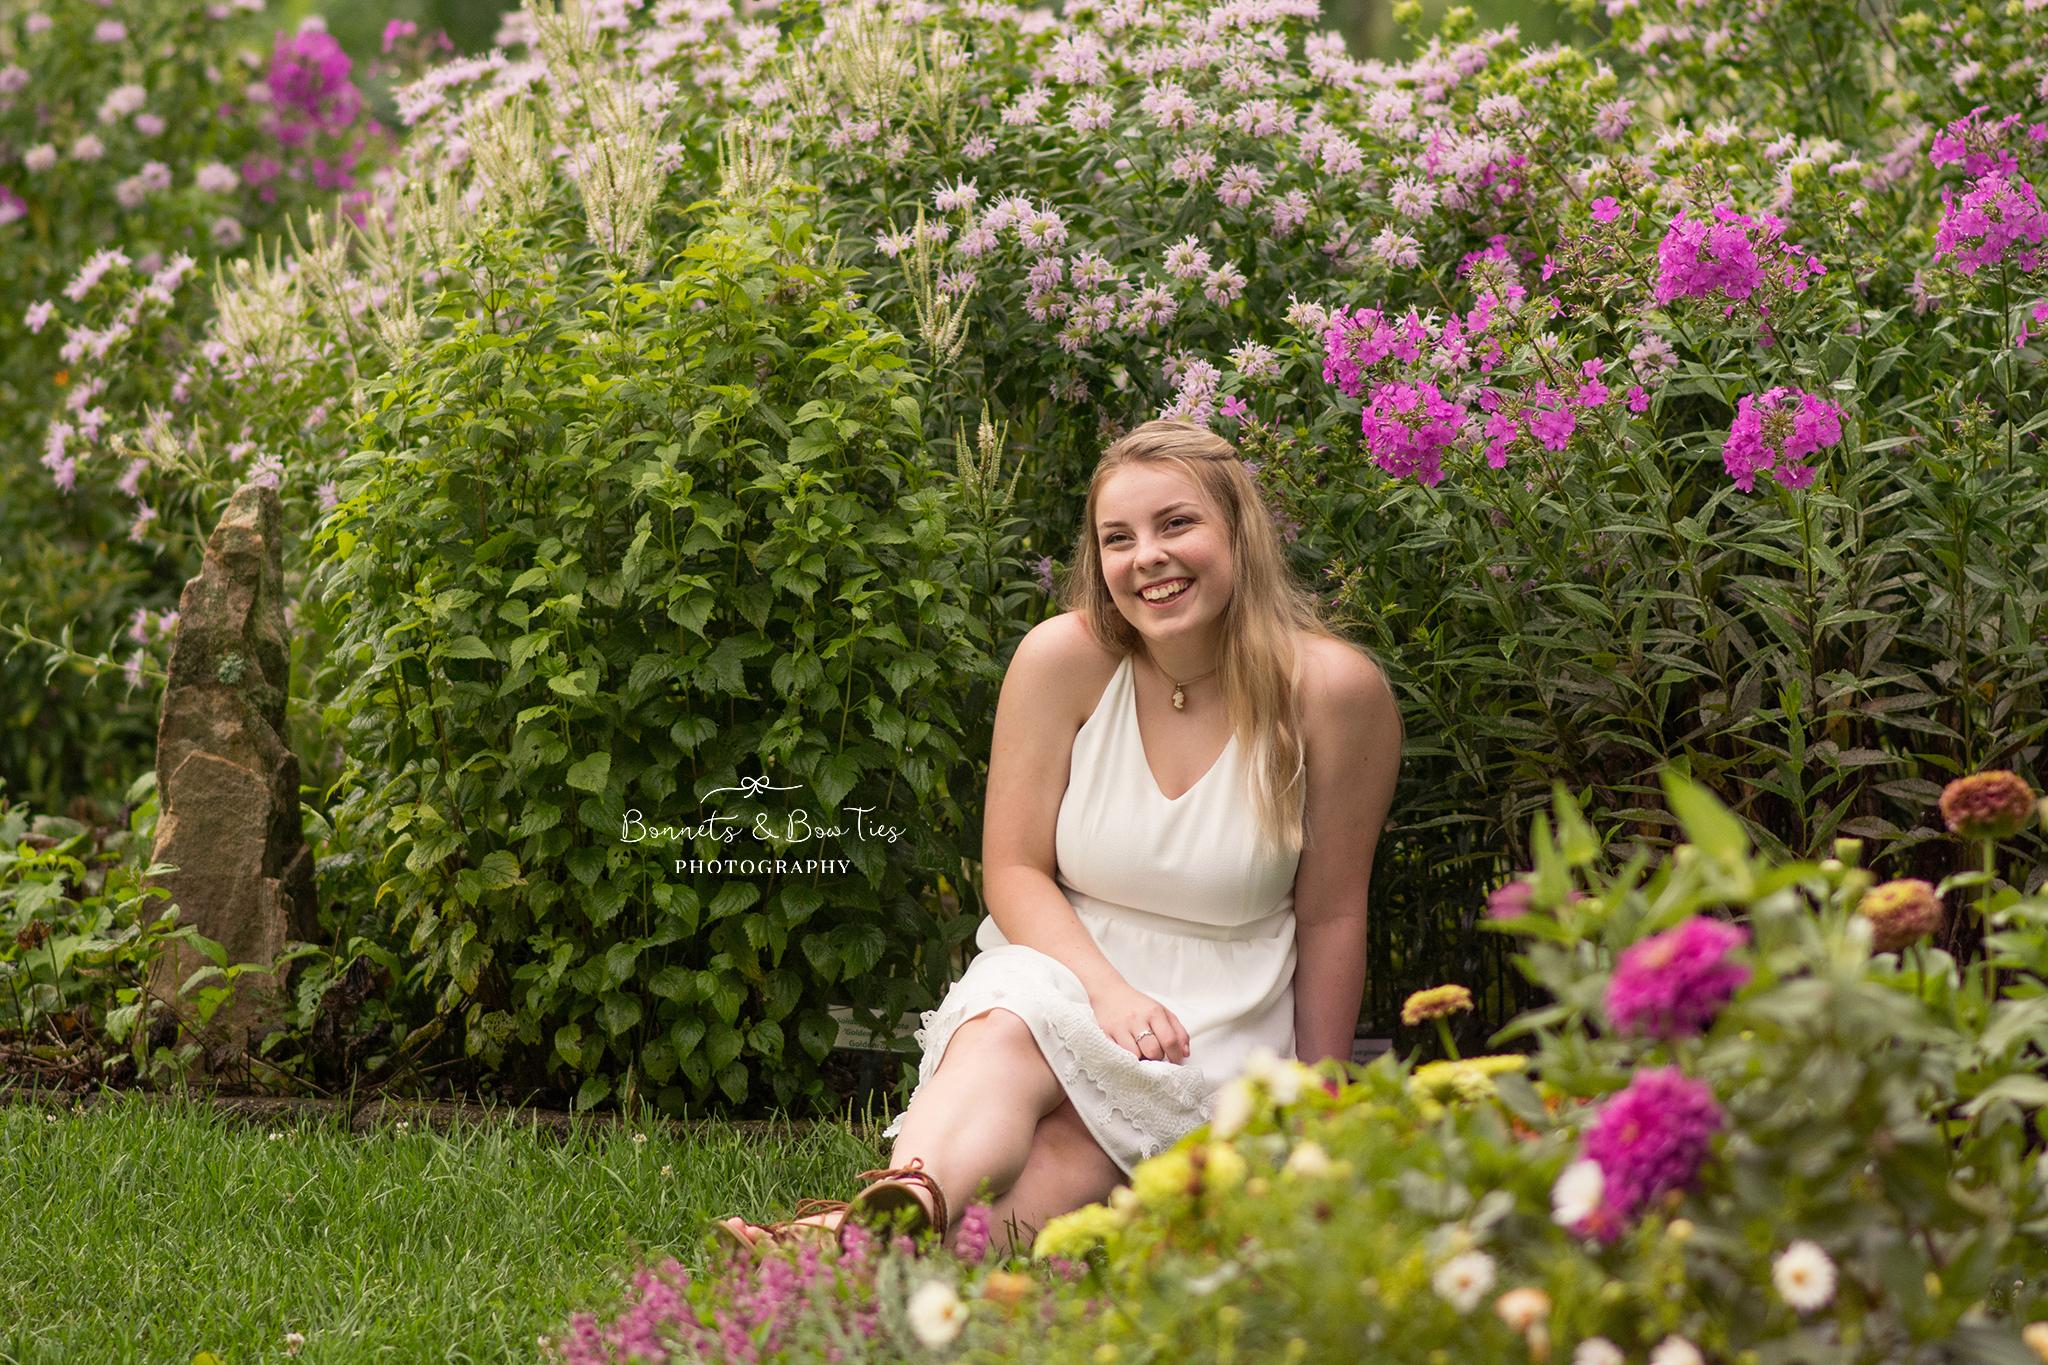 portrait of girl in a garden.jpg